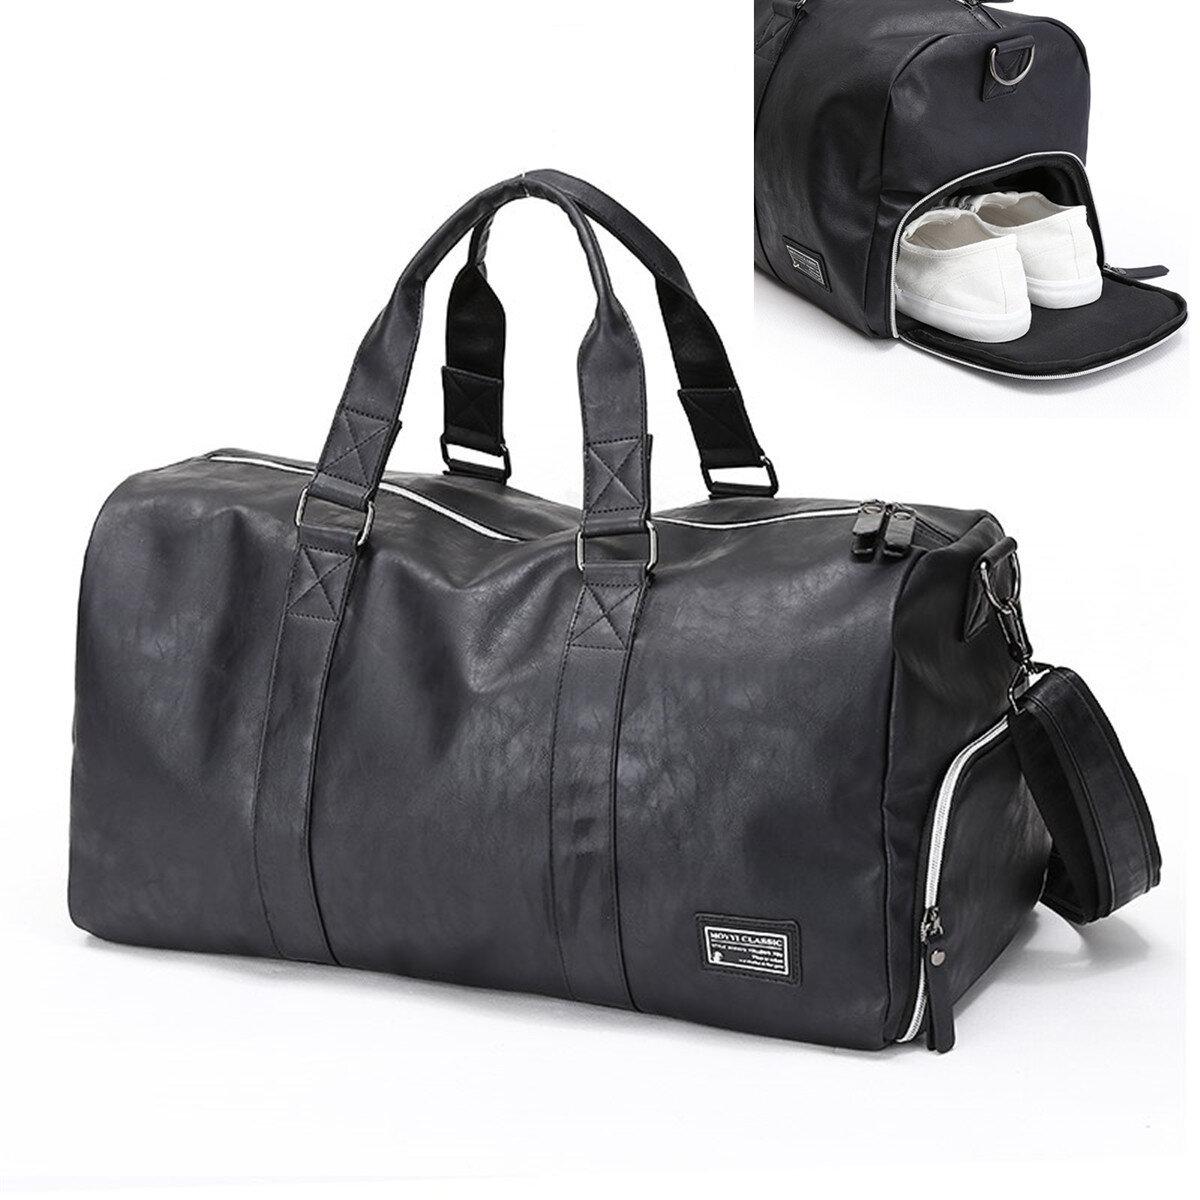 13306542dd5729 Men Large Leather Travel Gym Bag Duffle Storage Pouch Handbag Shoes  Organizer COD